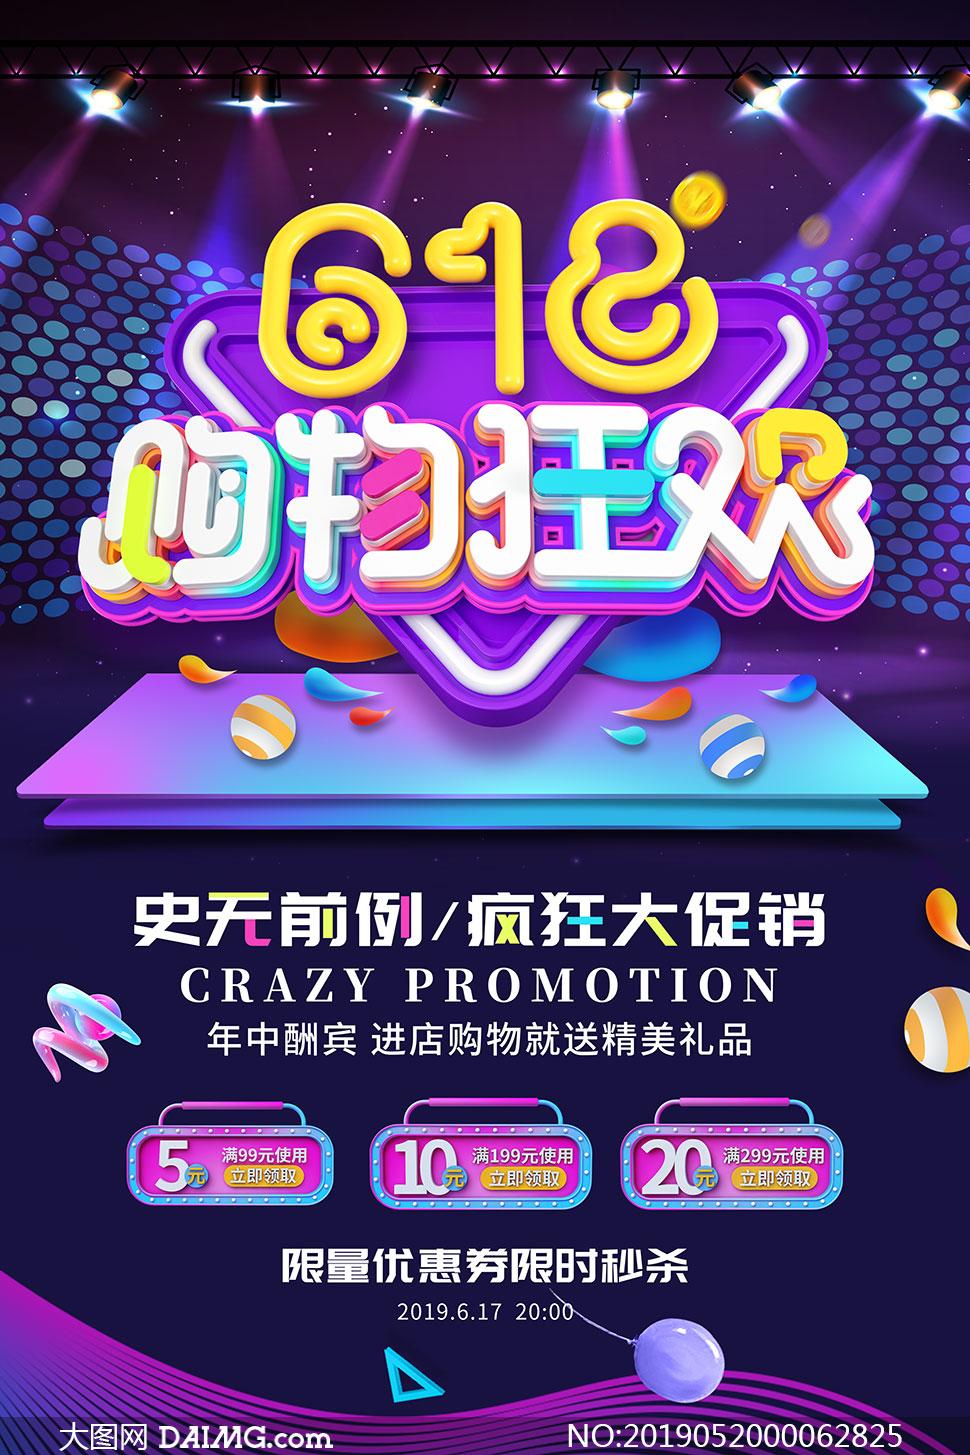 618购物狂欢促销海报作品PSD素材